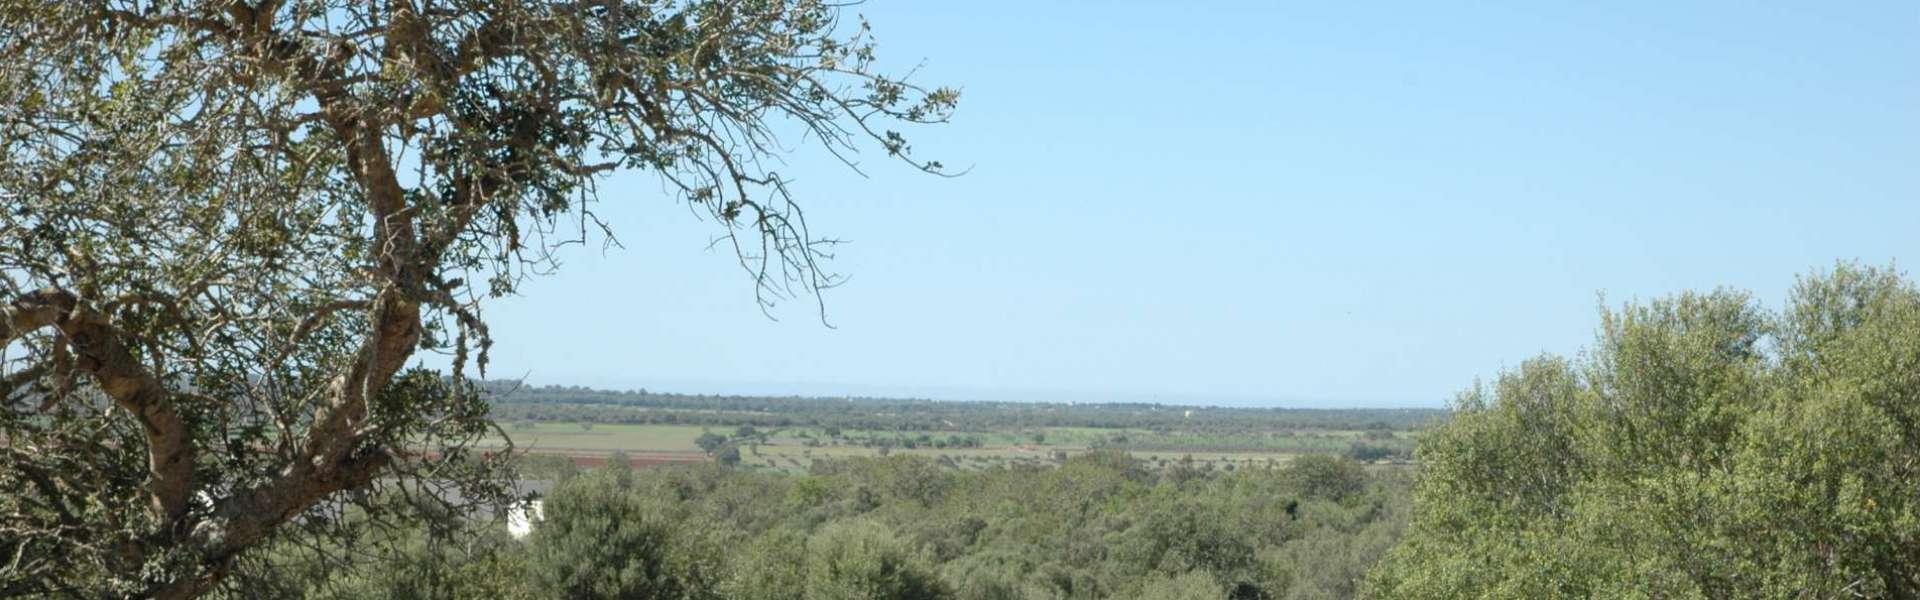 Santanyi - Baugrundstück mit Blick nach Cabrera und genehmigtem Projekt